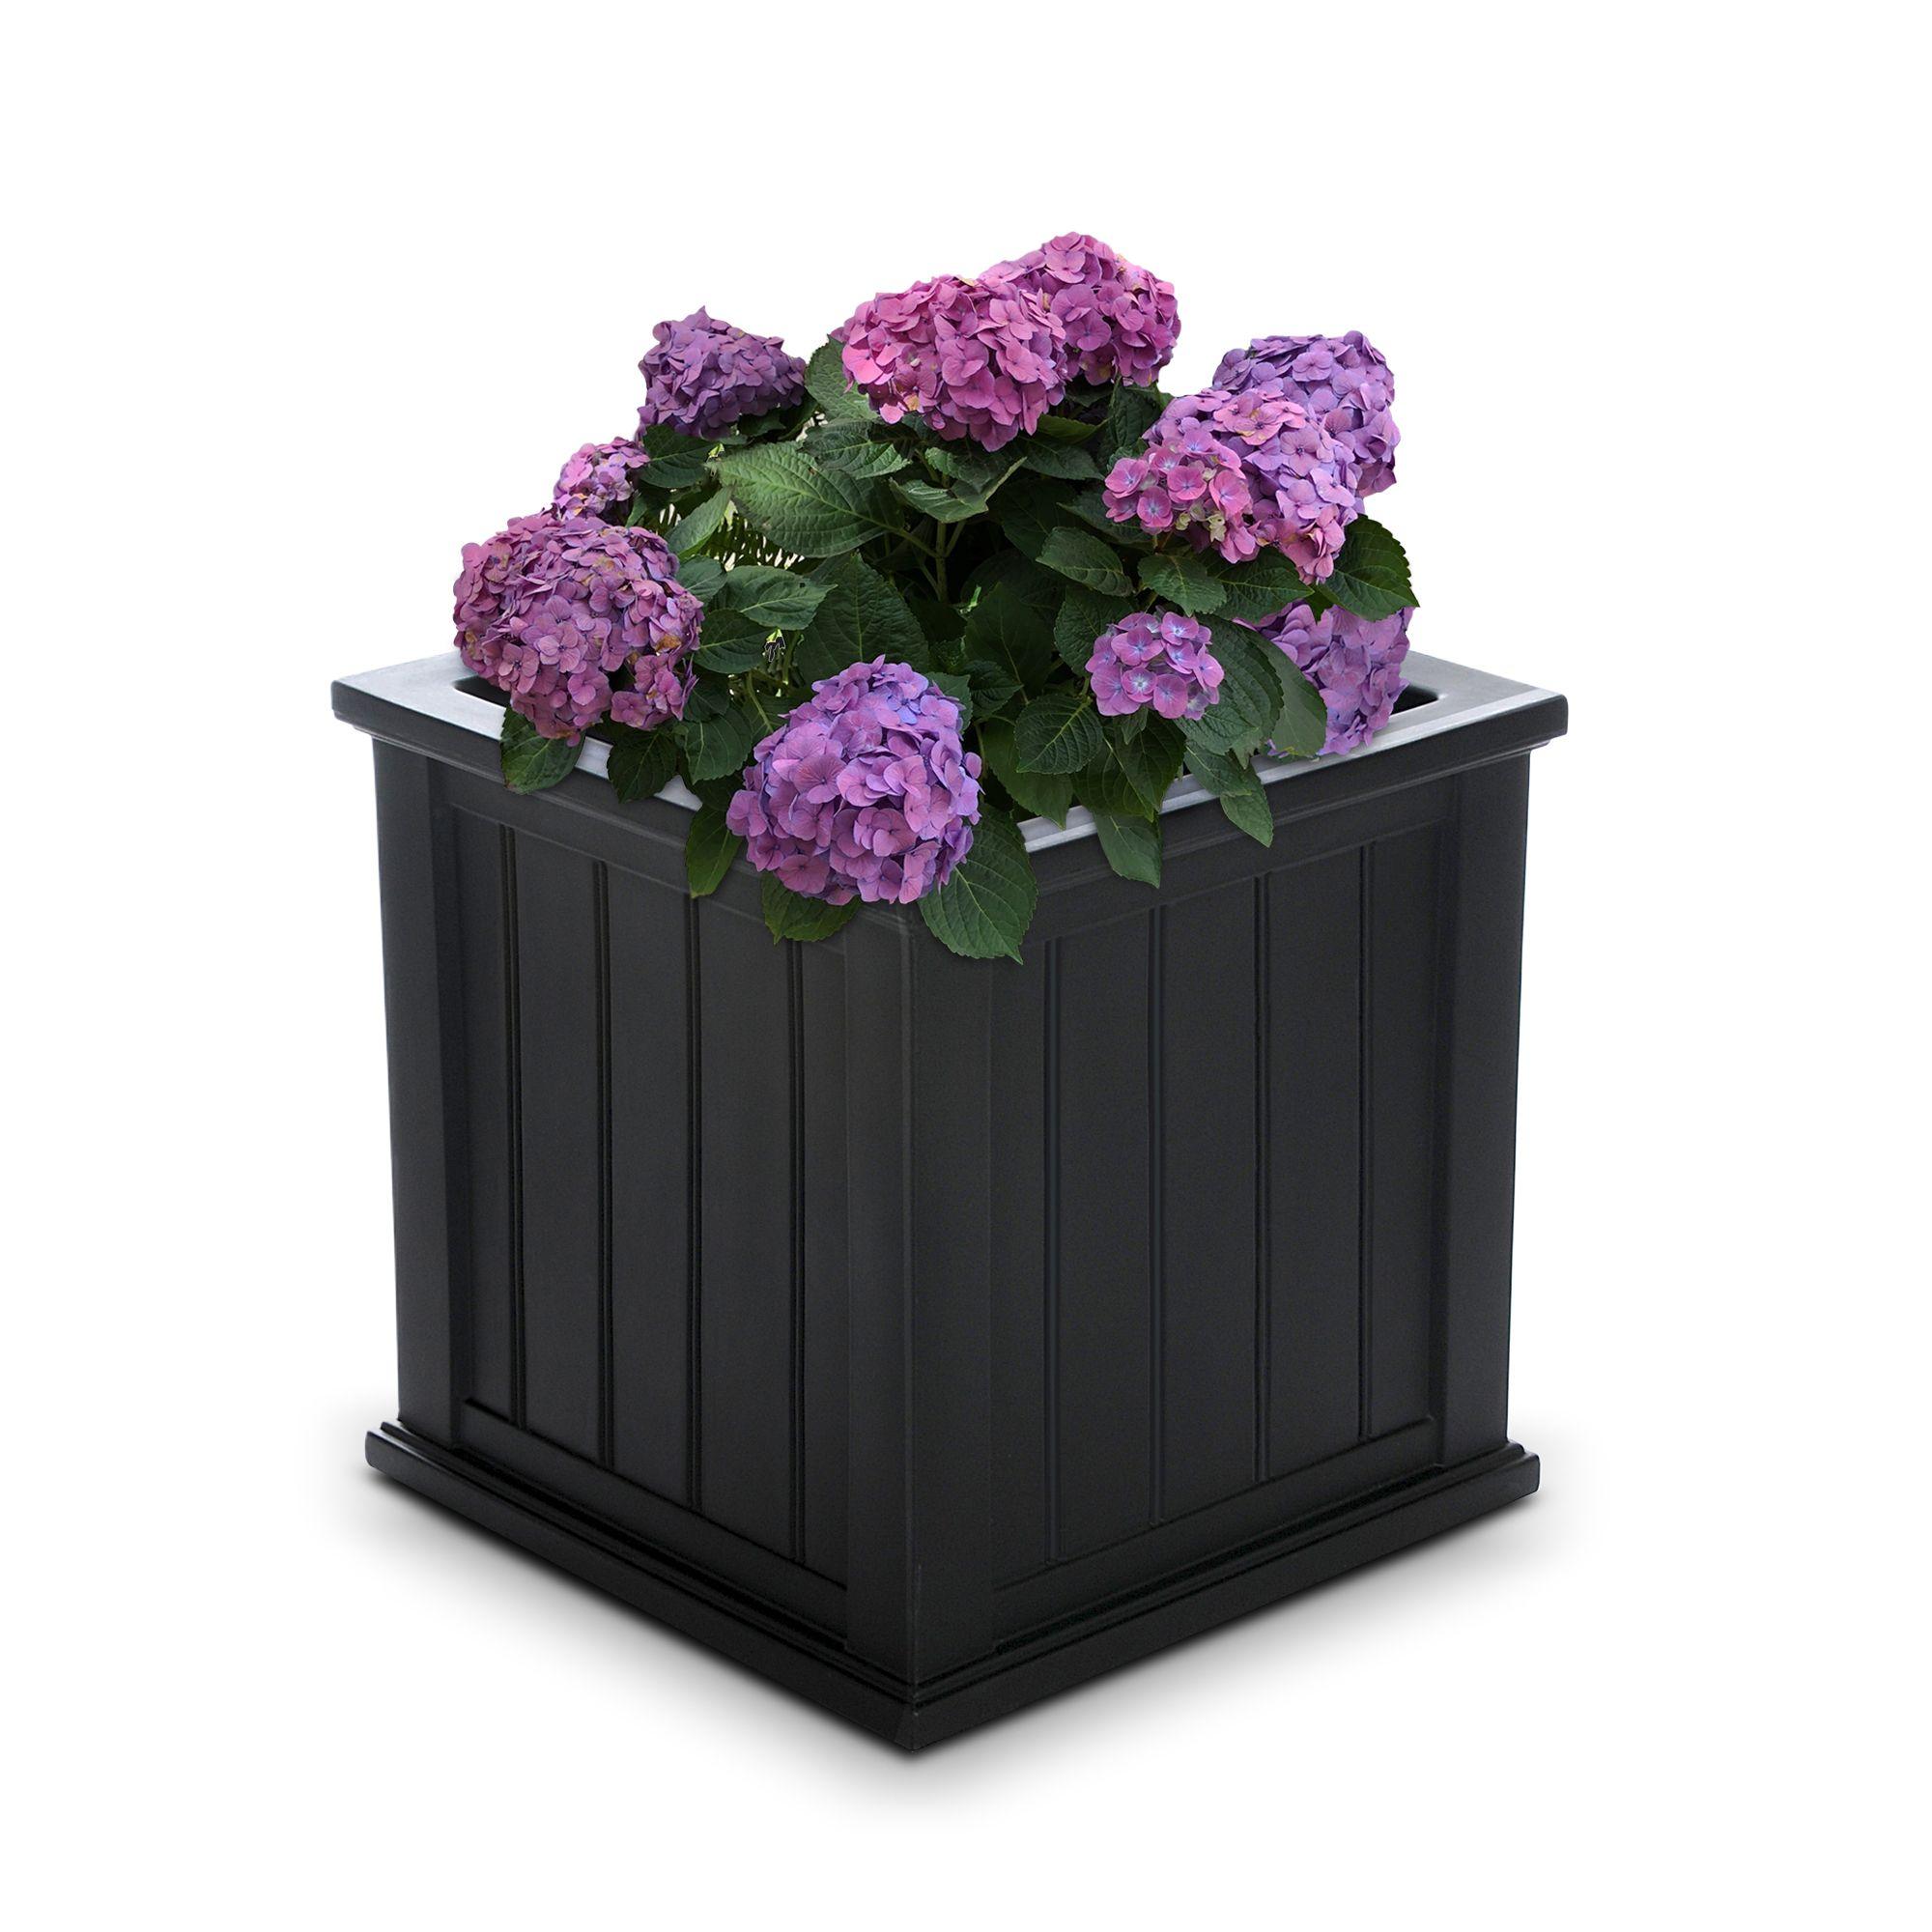 Cape cod patio planter 20x20 black in 2020